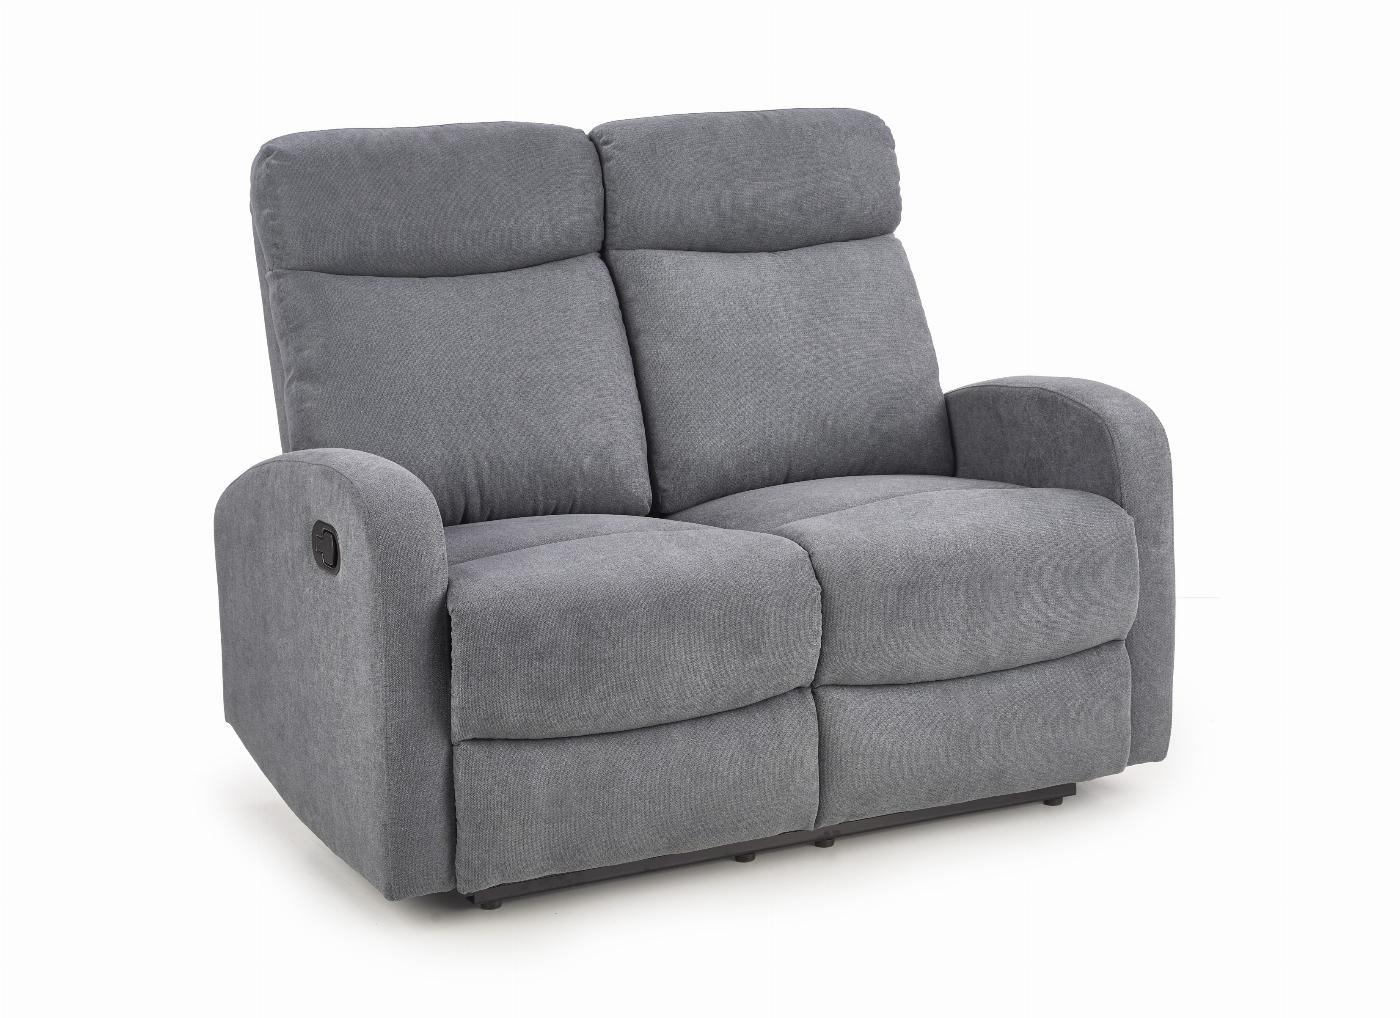 OSLO 2S zestaw wypoczynkowy, sofa 2S ciemny popiel (1p=1szt)